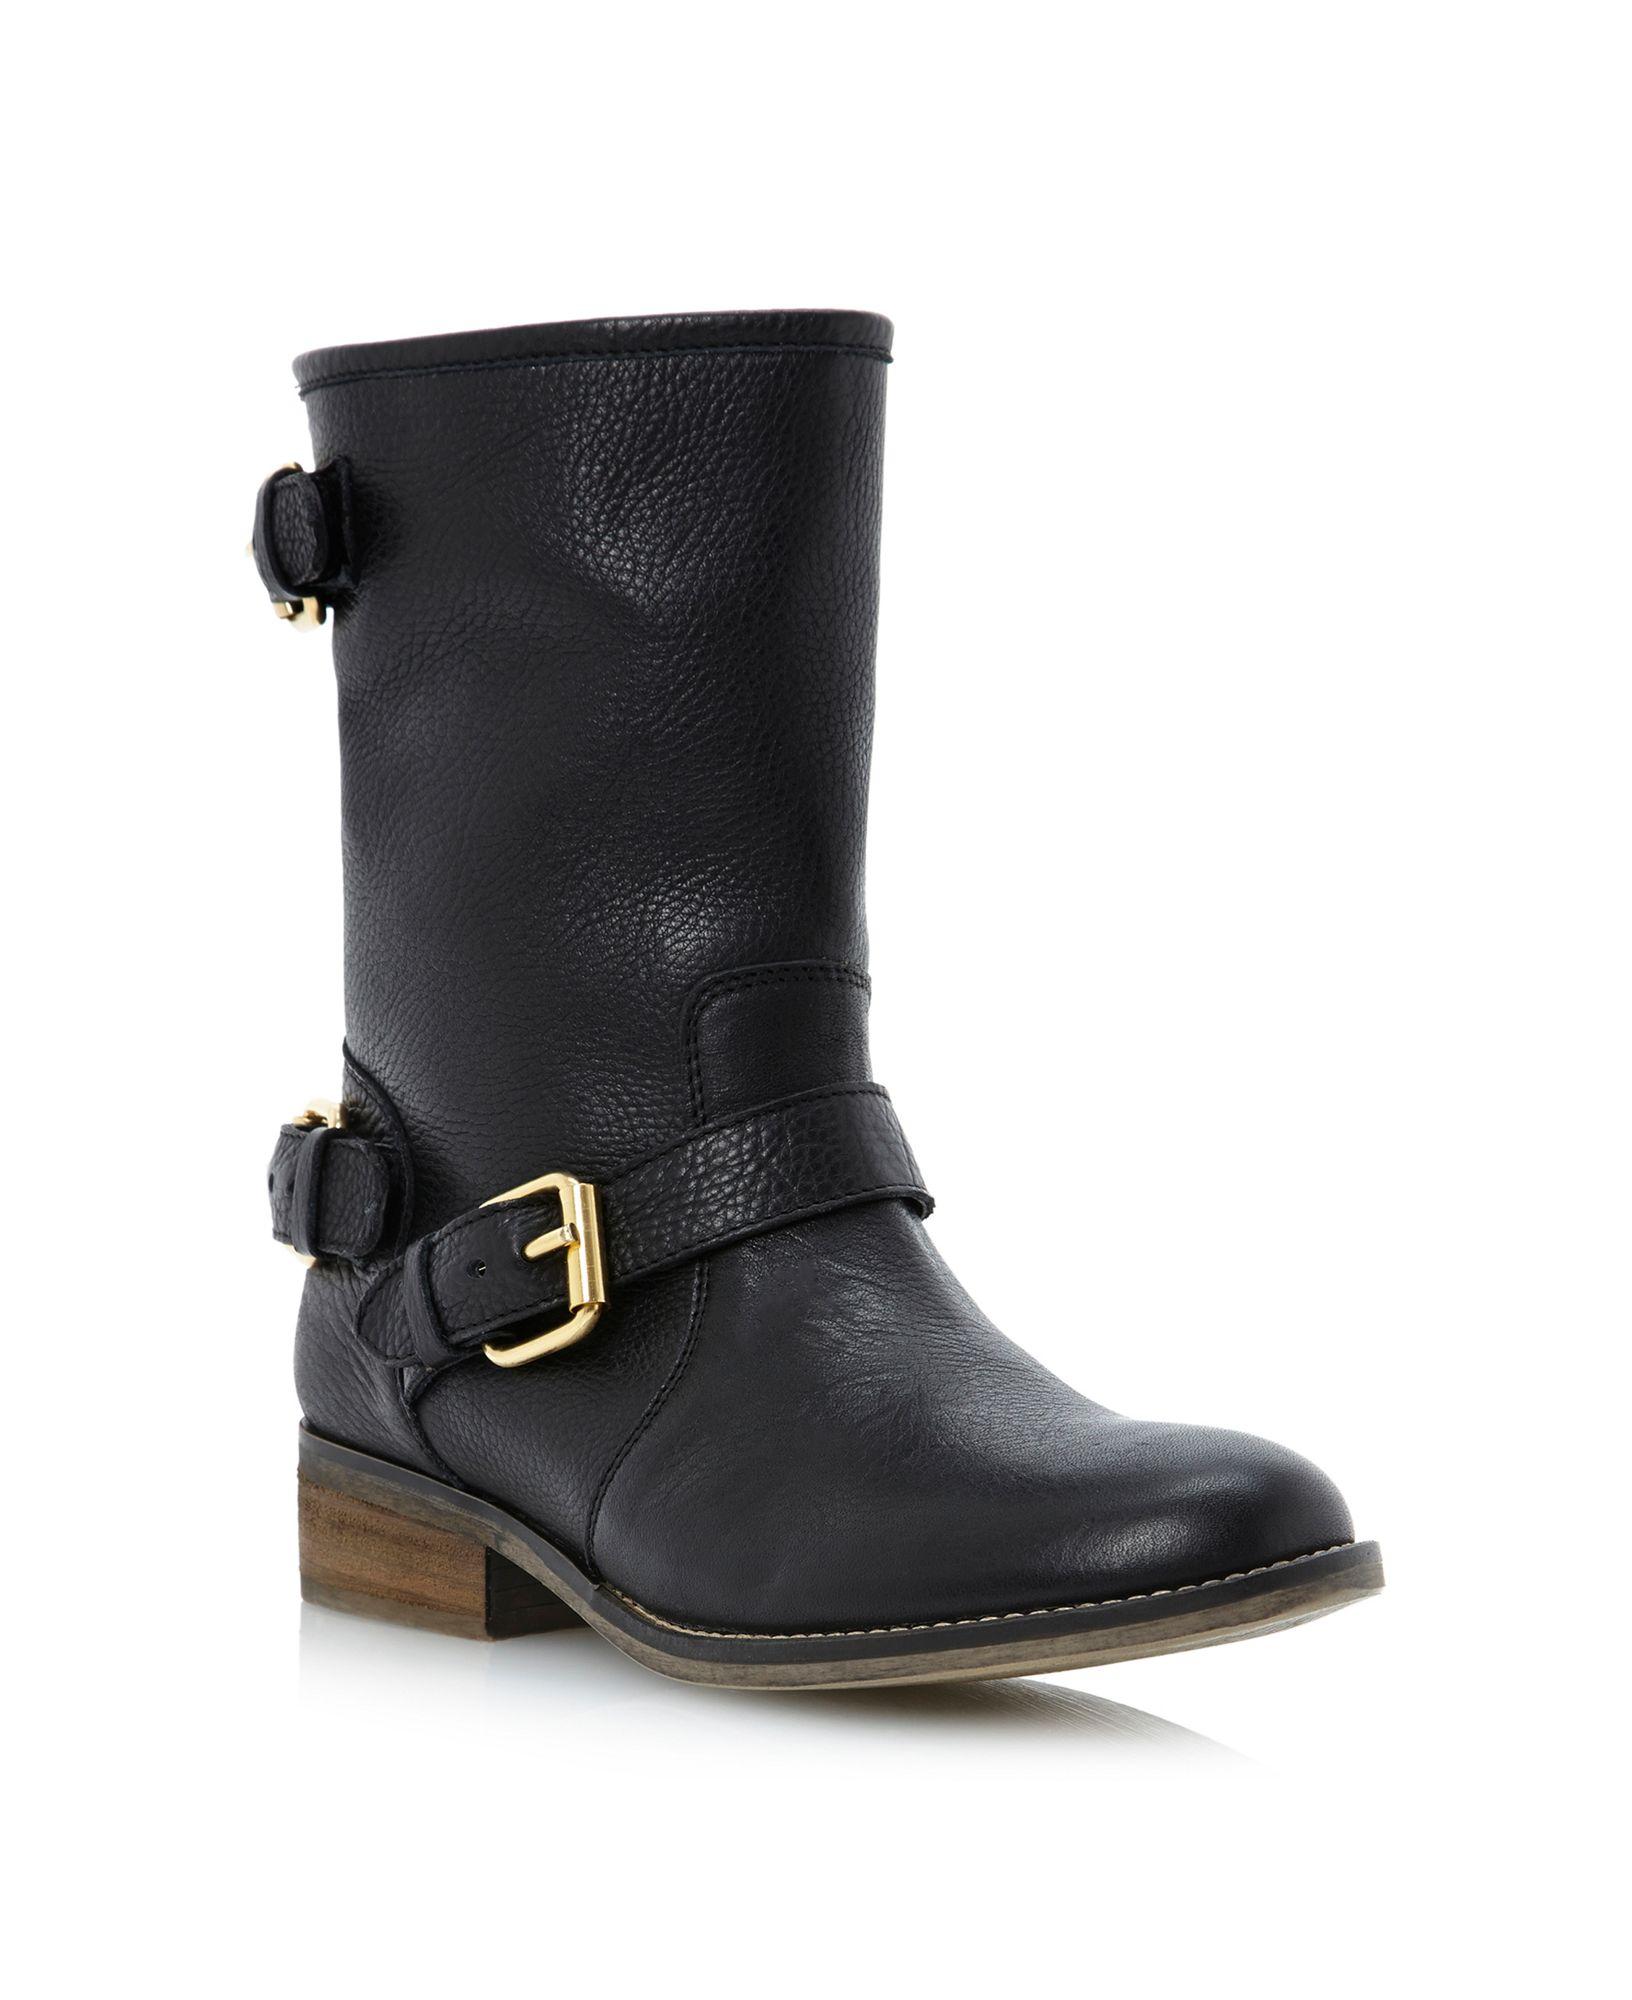 steve madden energize sm gold buckle biker boots in black